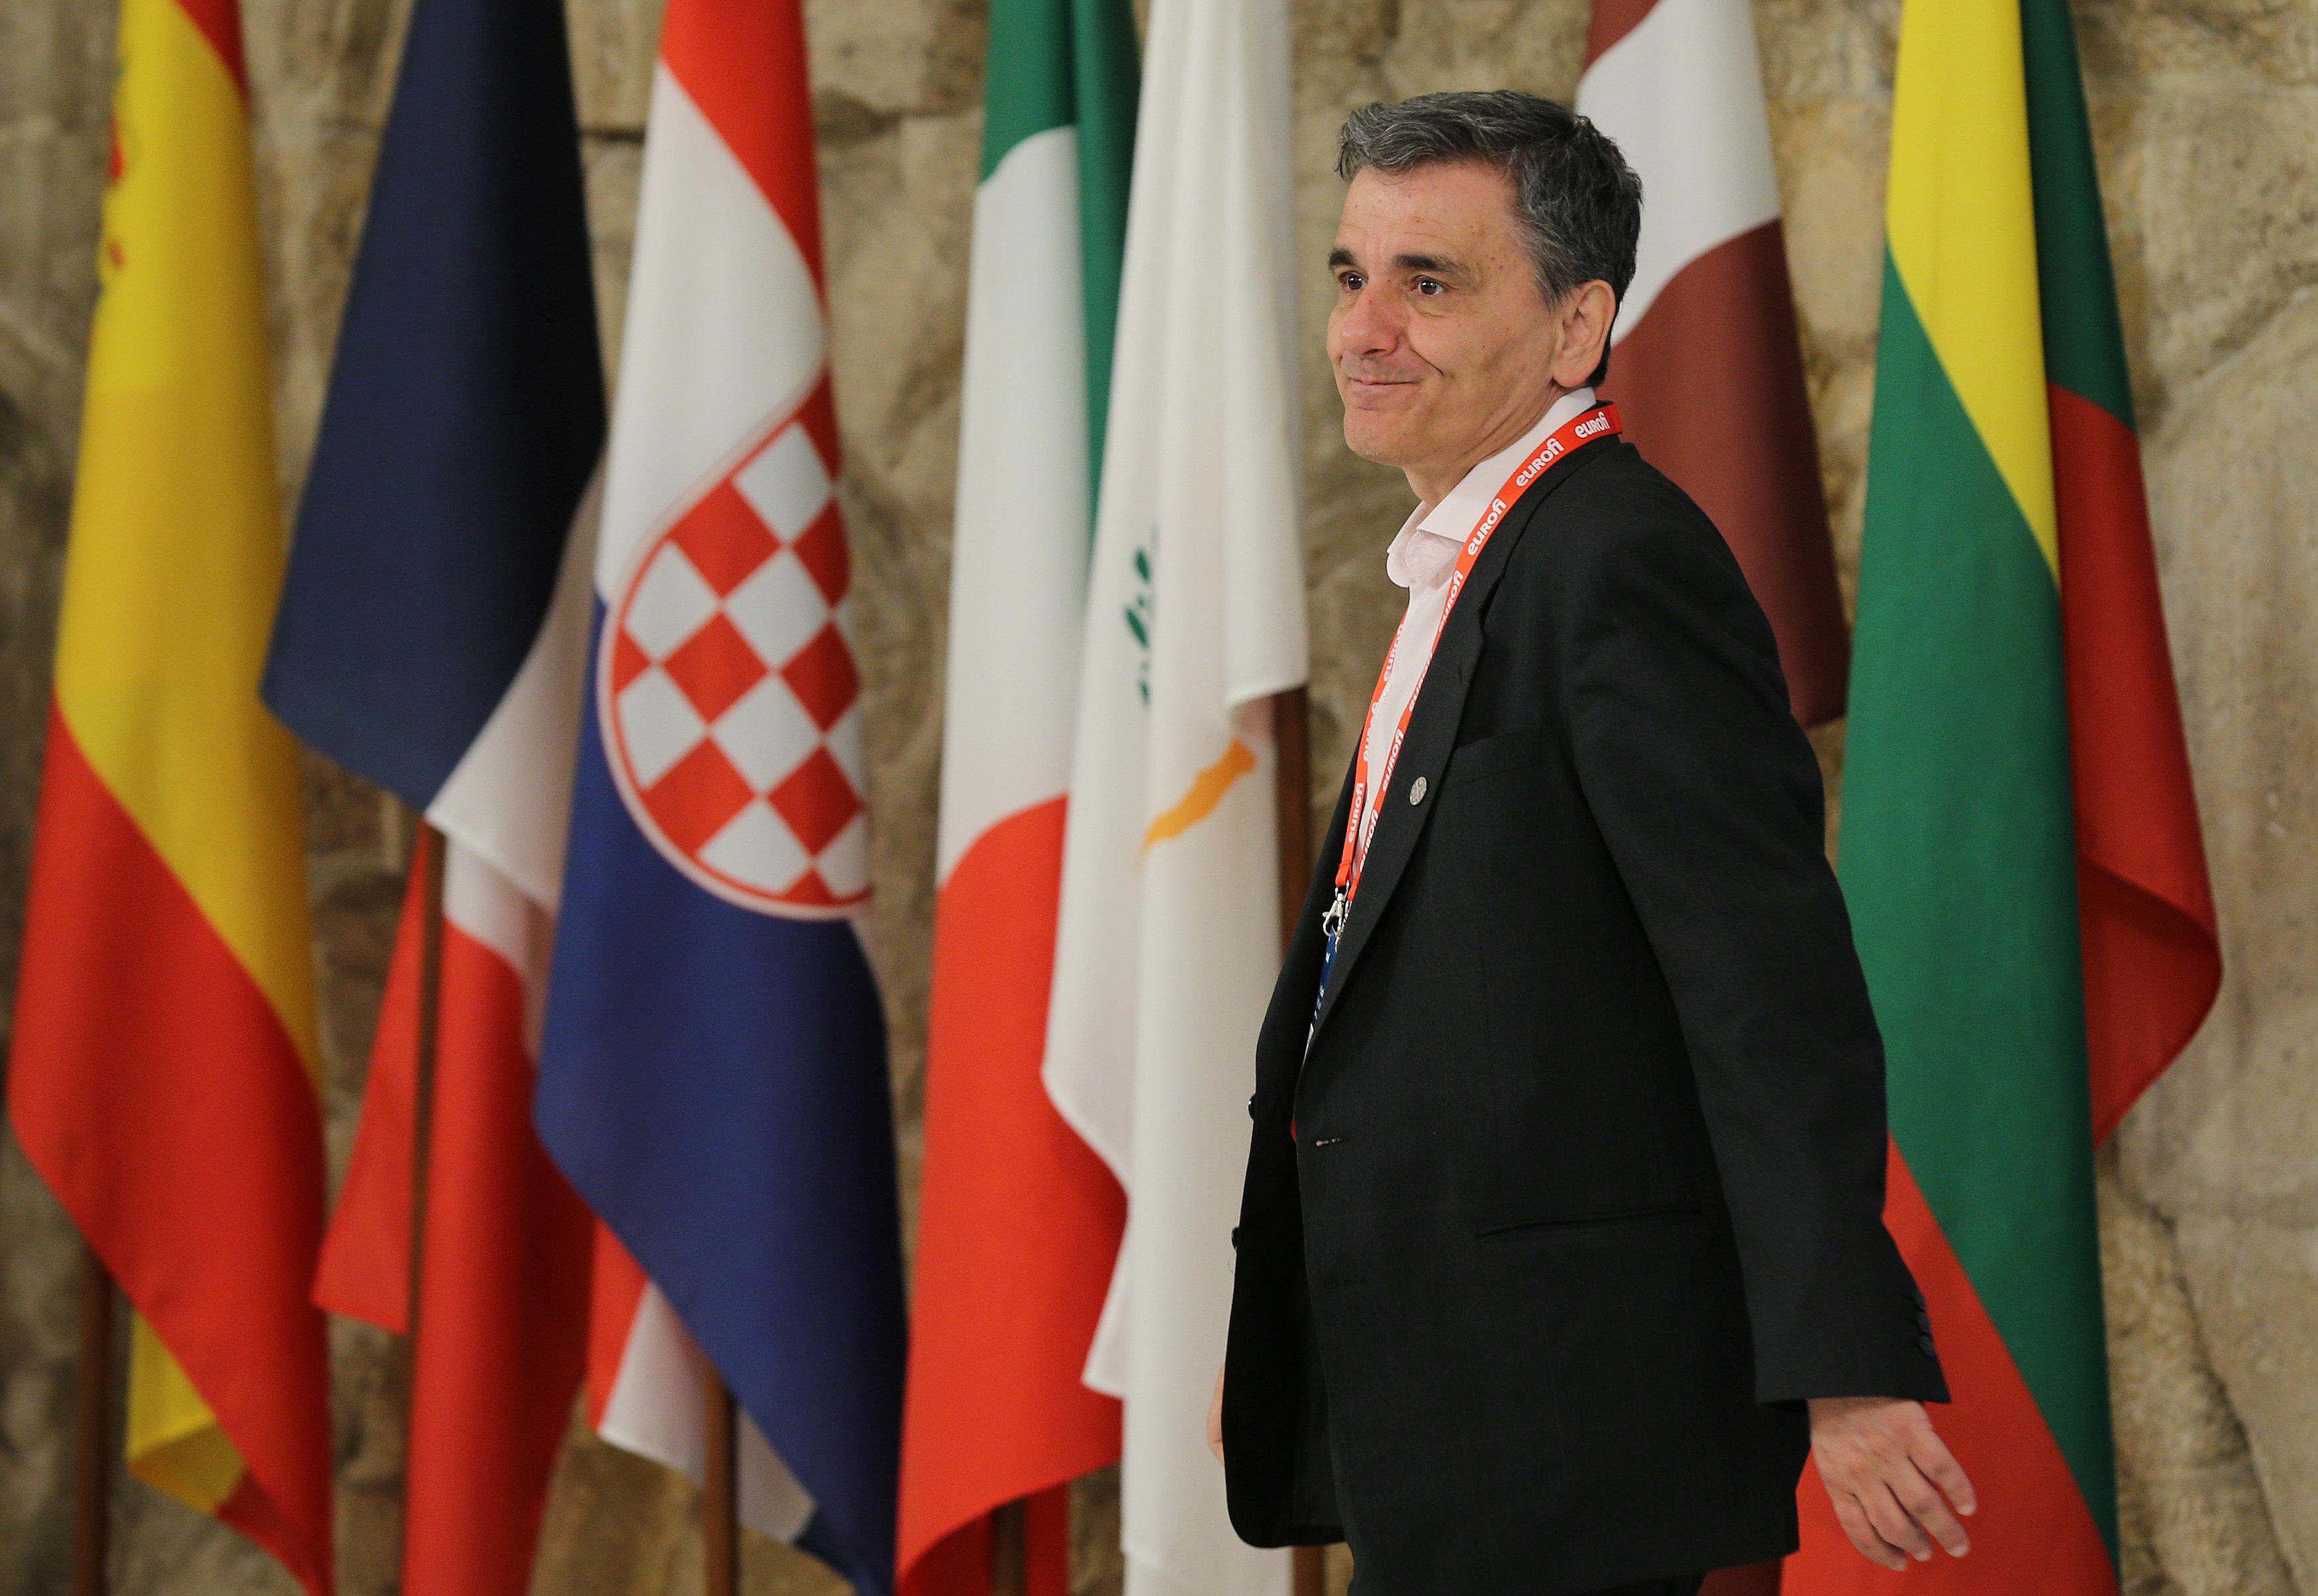 Τσακαλώτος: Ο έλληνας πολίτης θα δει διαφορά στην τσέπη του με τη συμφωνία που